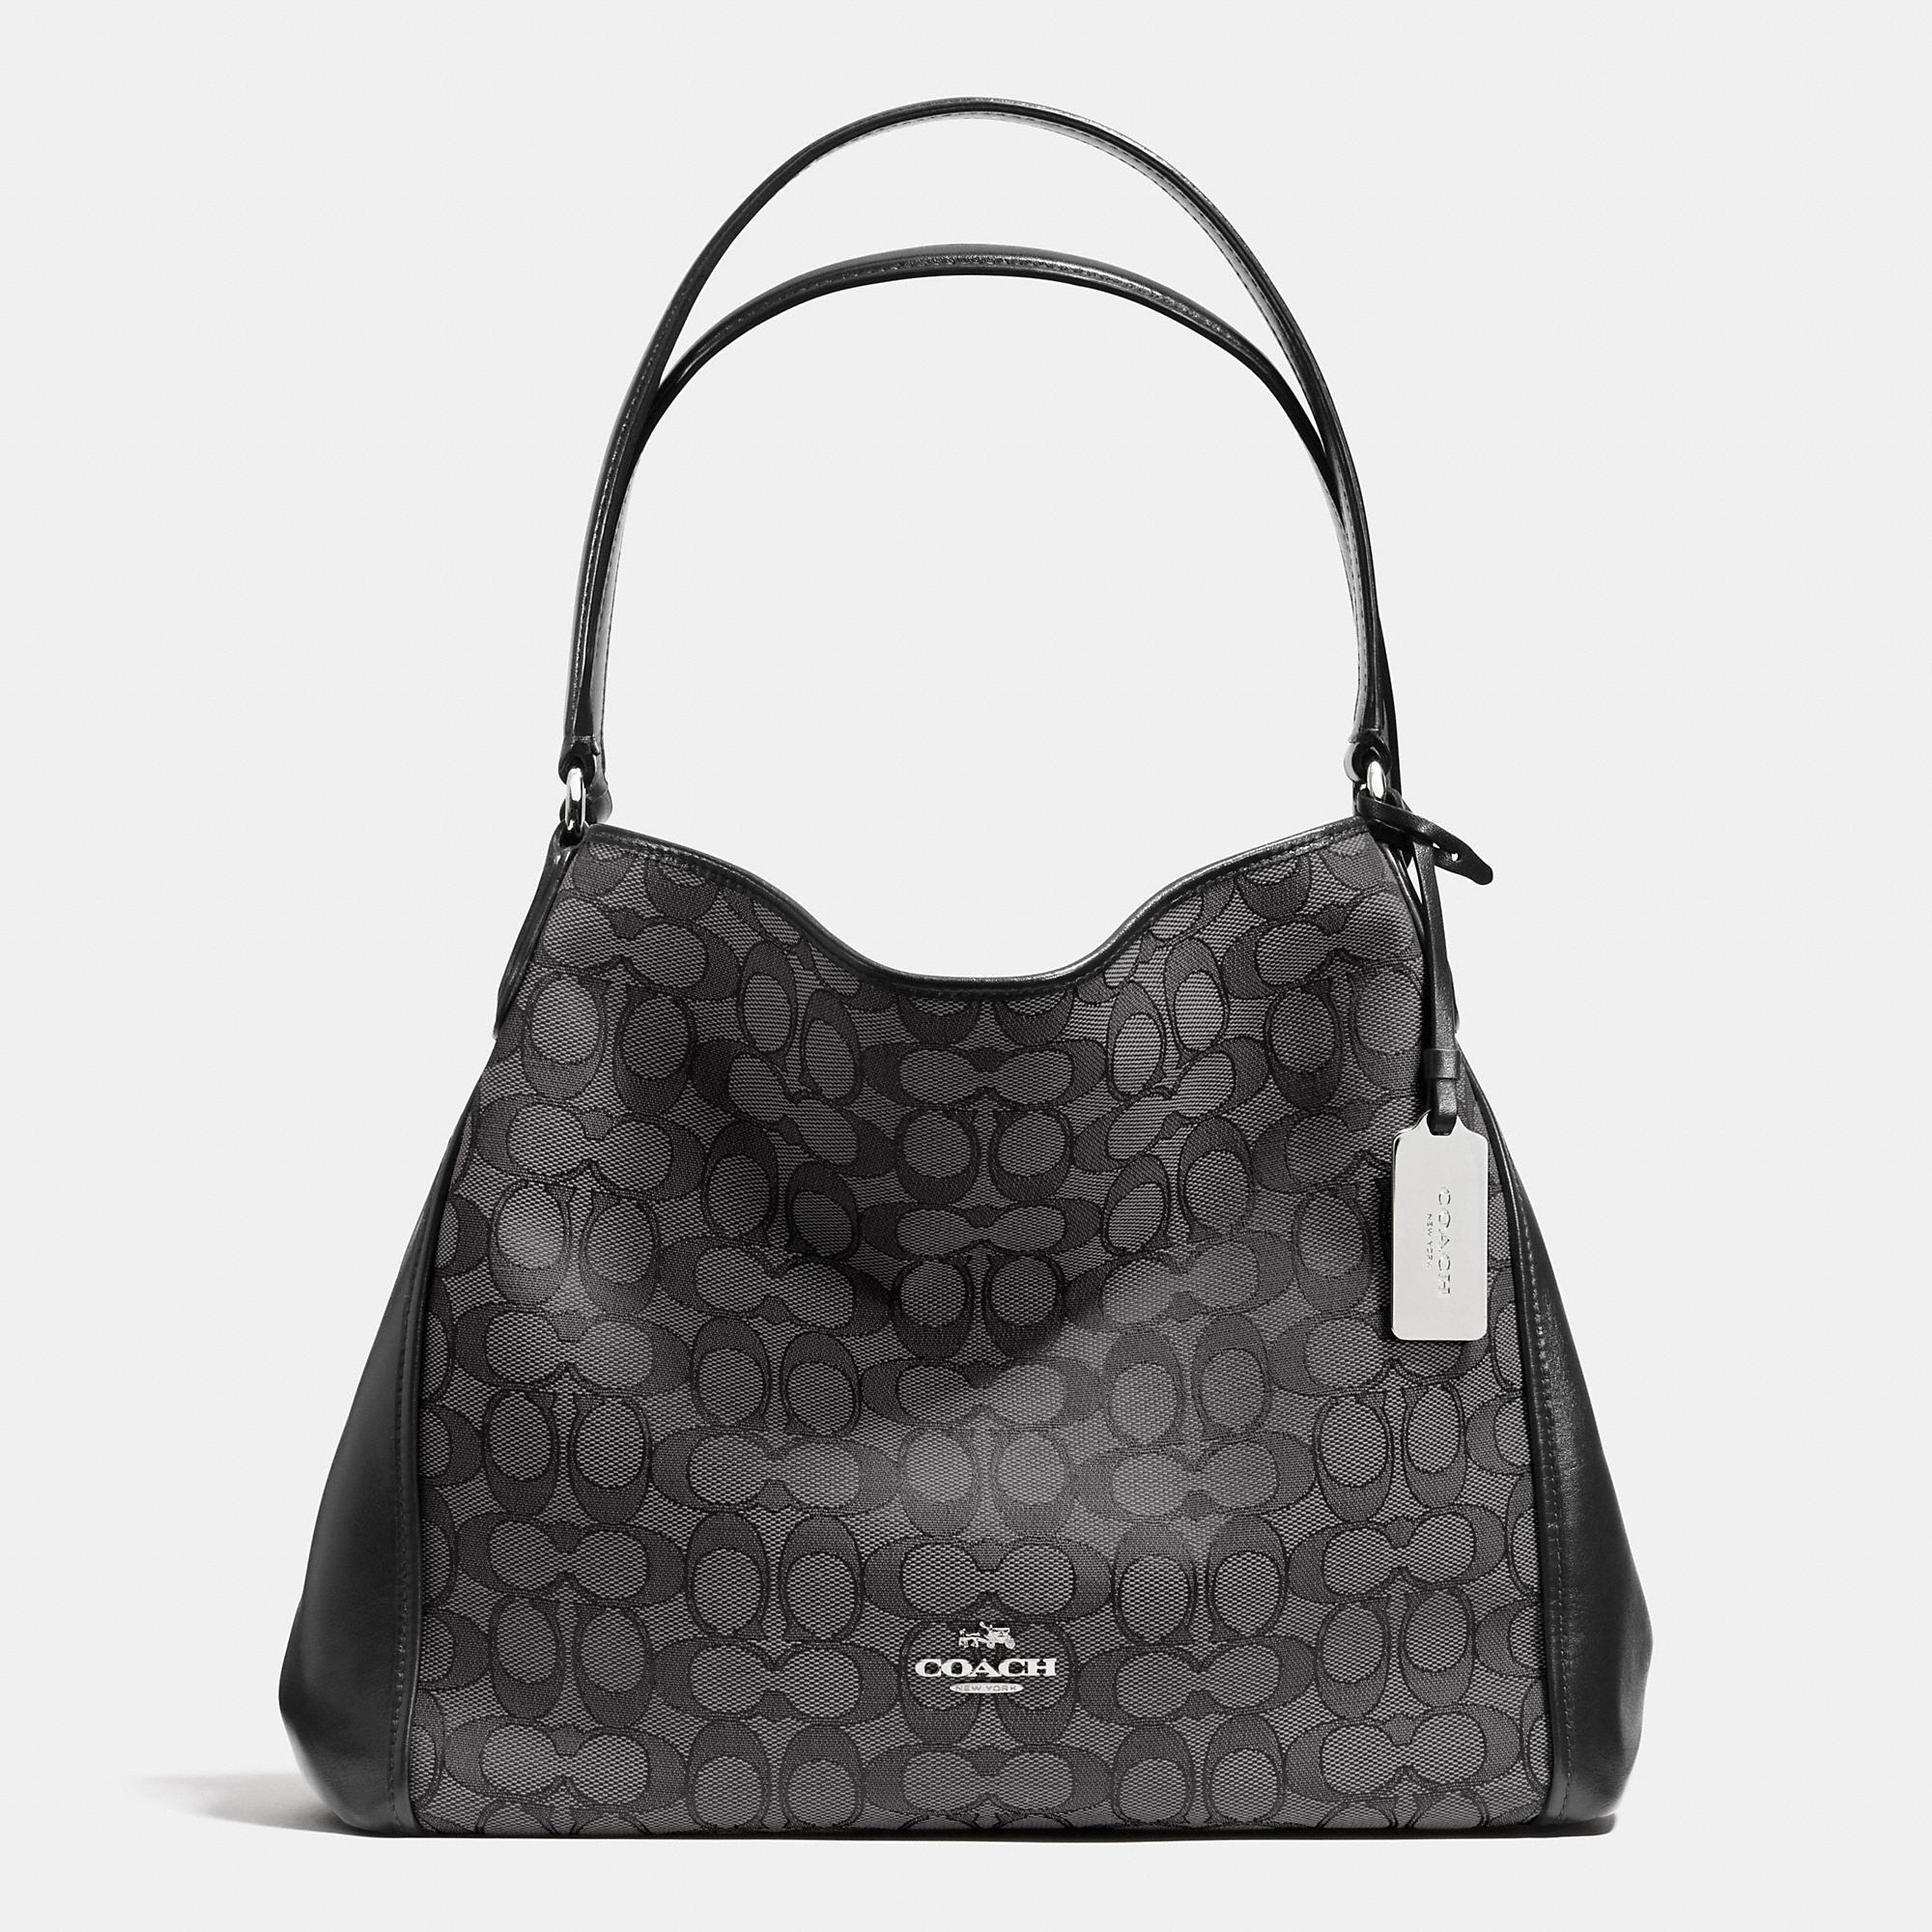 d73856a17d Lyst - COACH Edie Shoulder Bag 31 In Signature Jacquard in Black